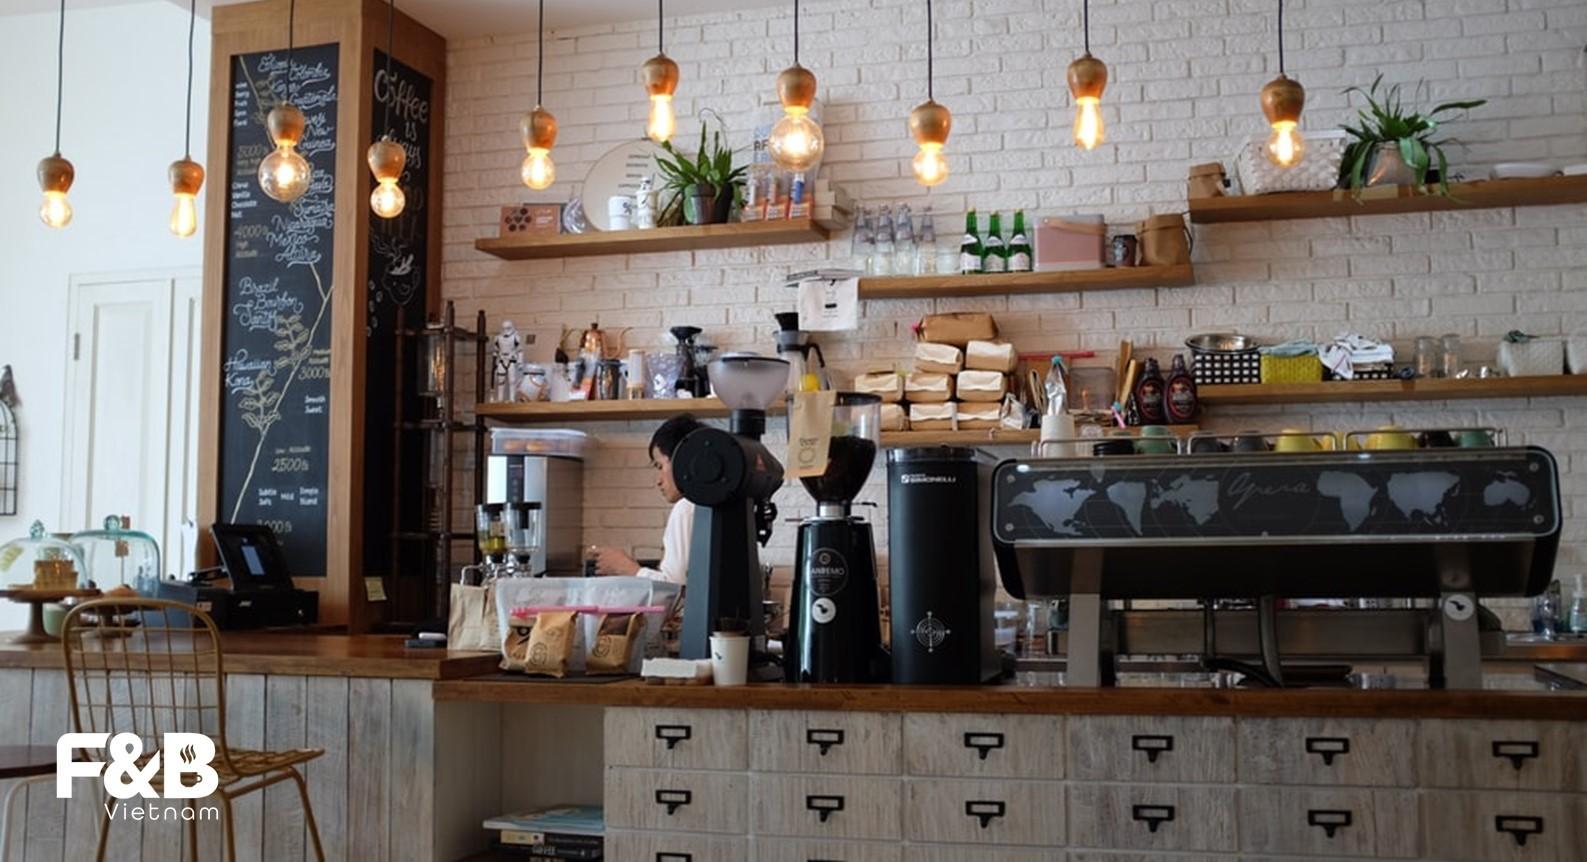 chi phí mục đích kinh doanh khi setup quán cà phê